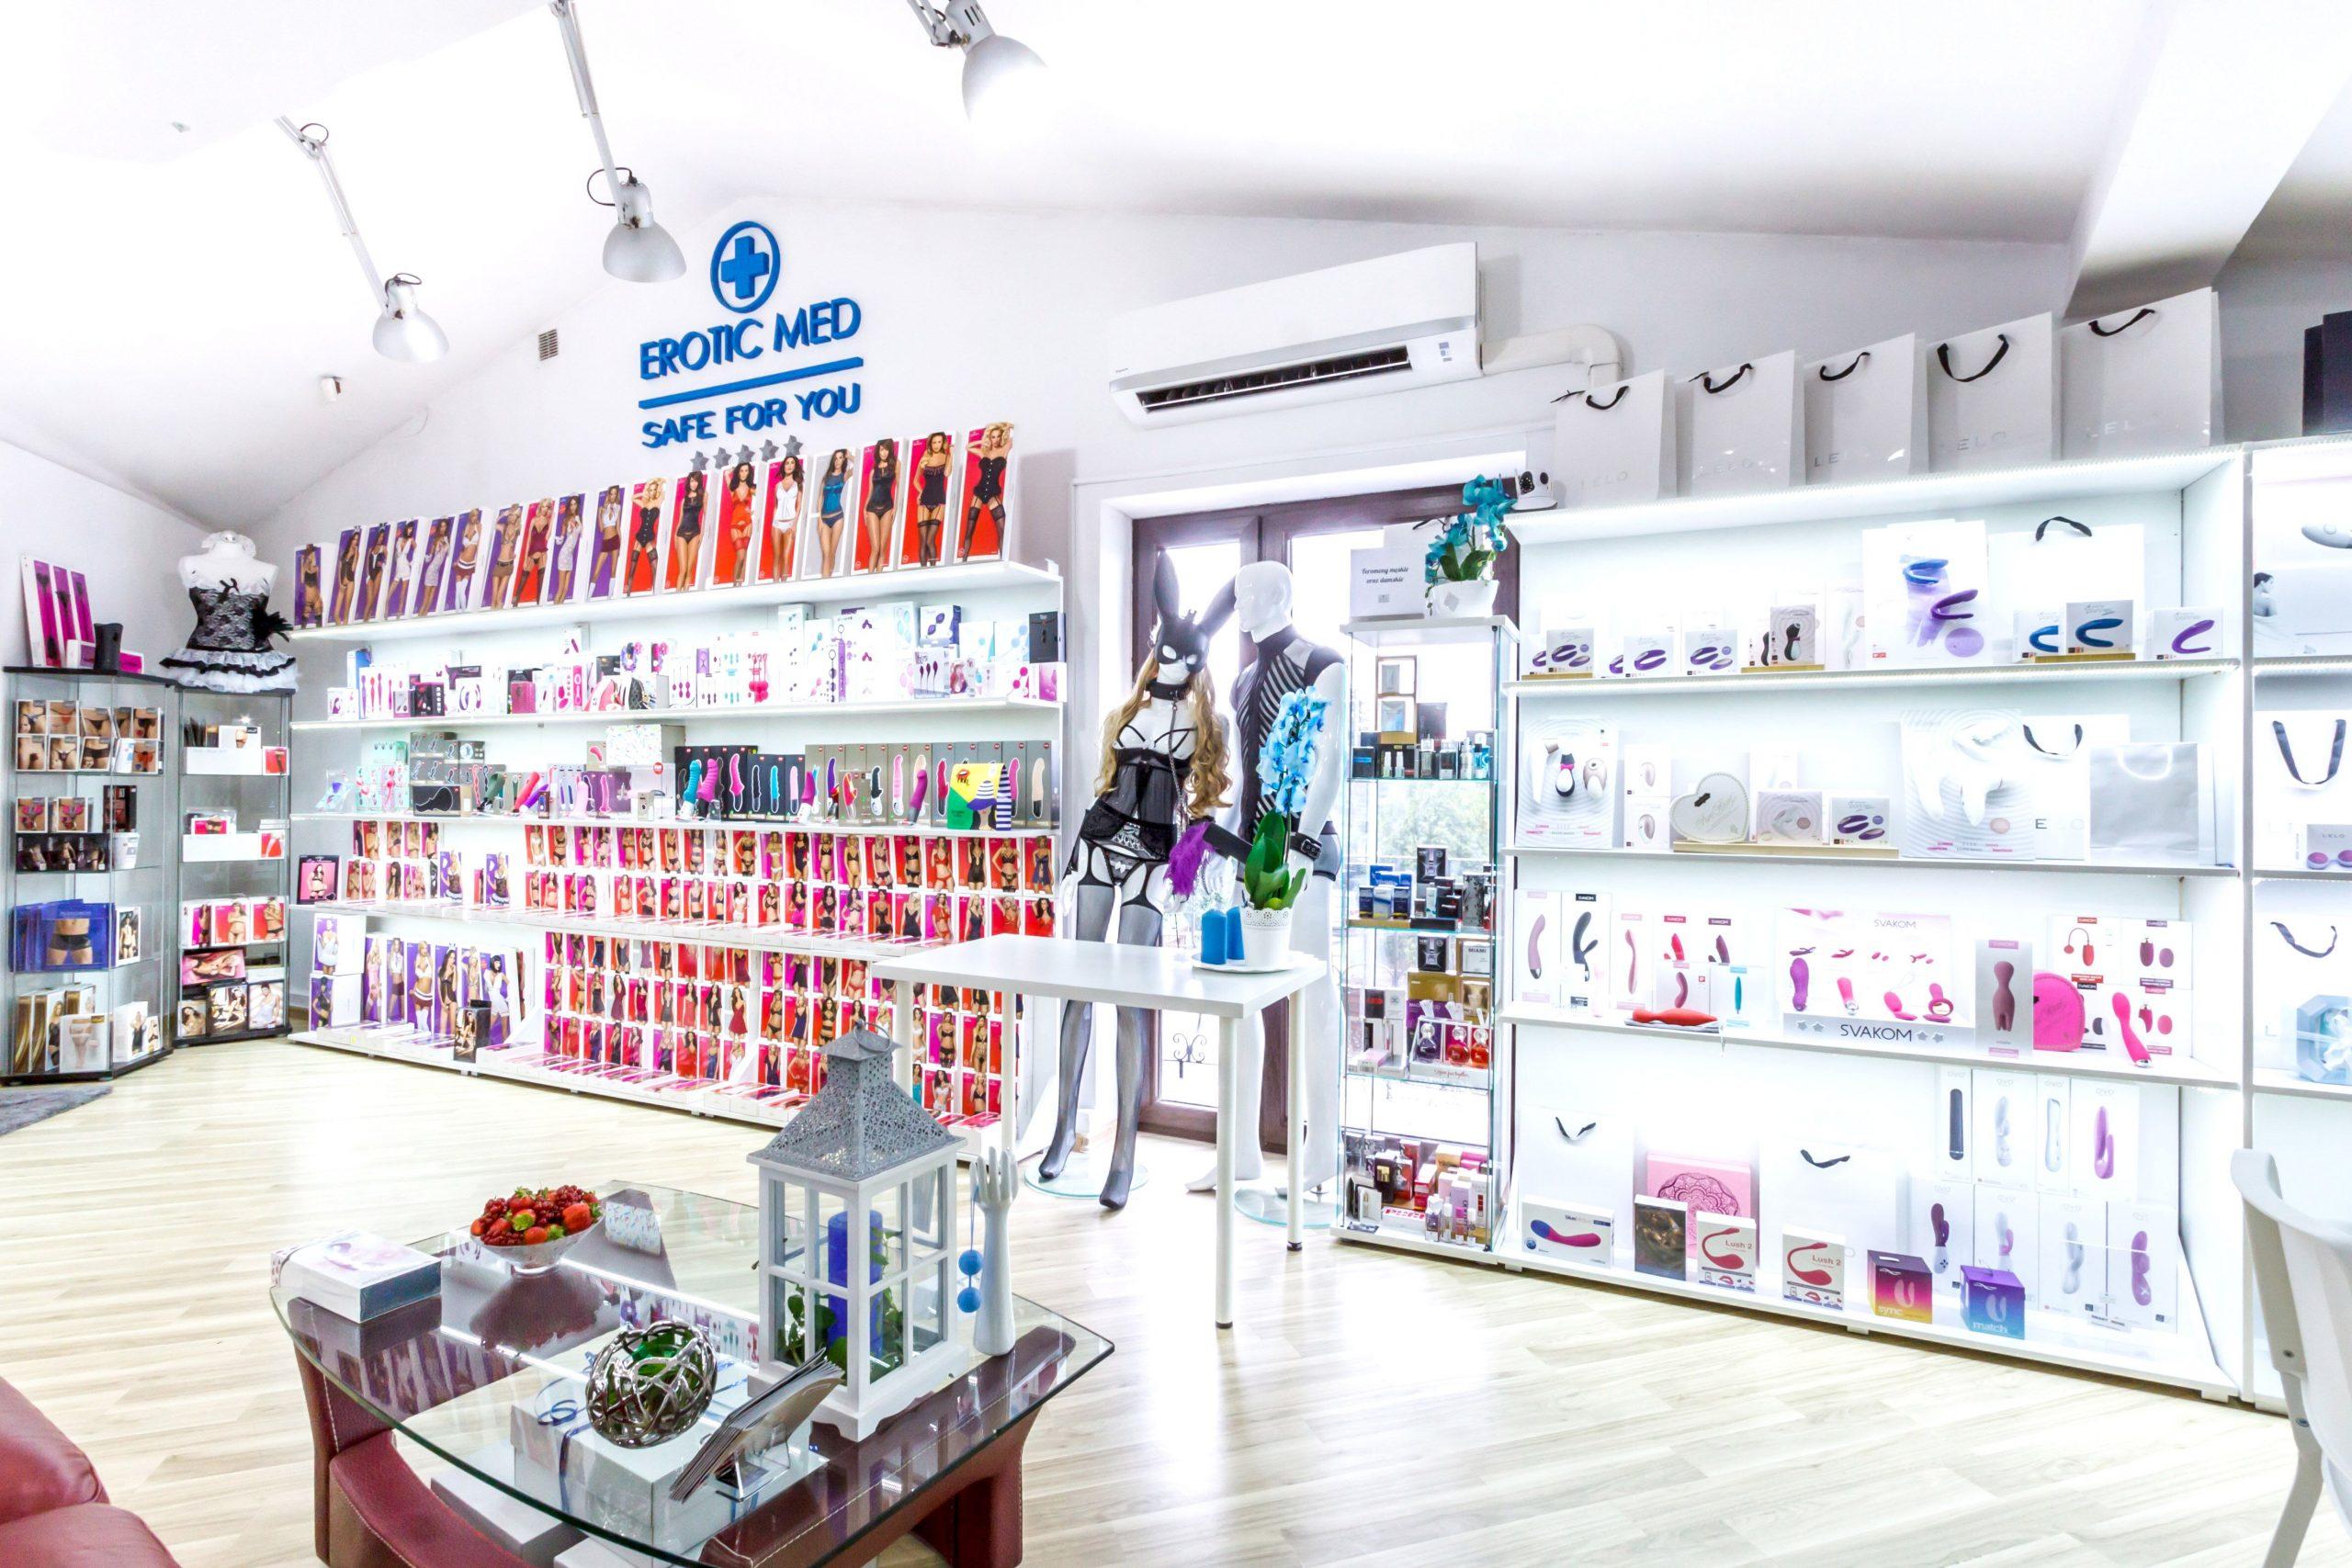 sex shop Krakow eroticmed